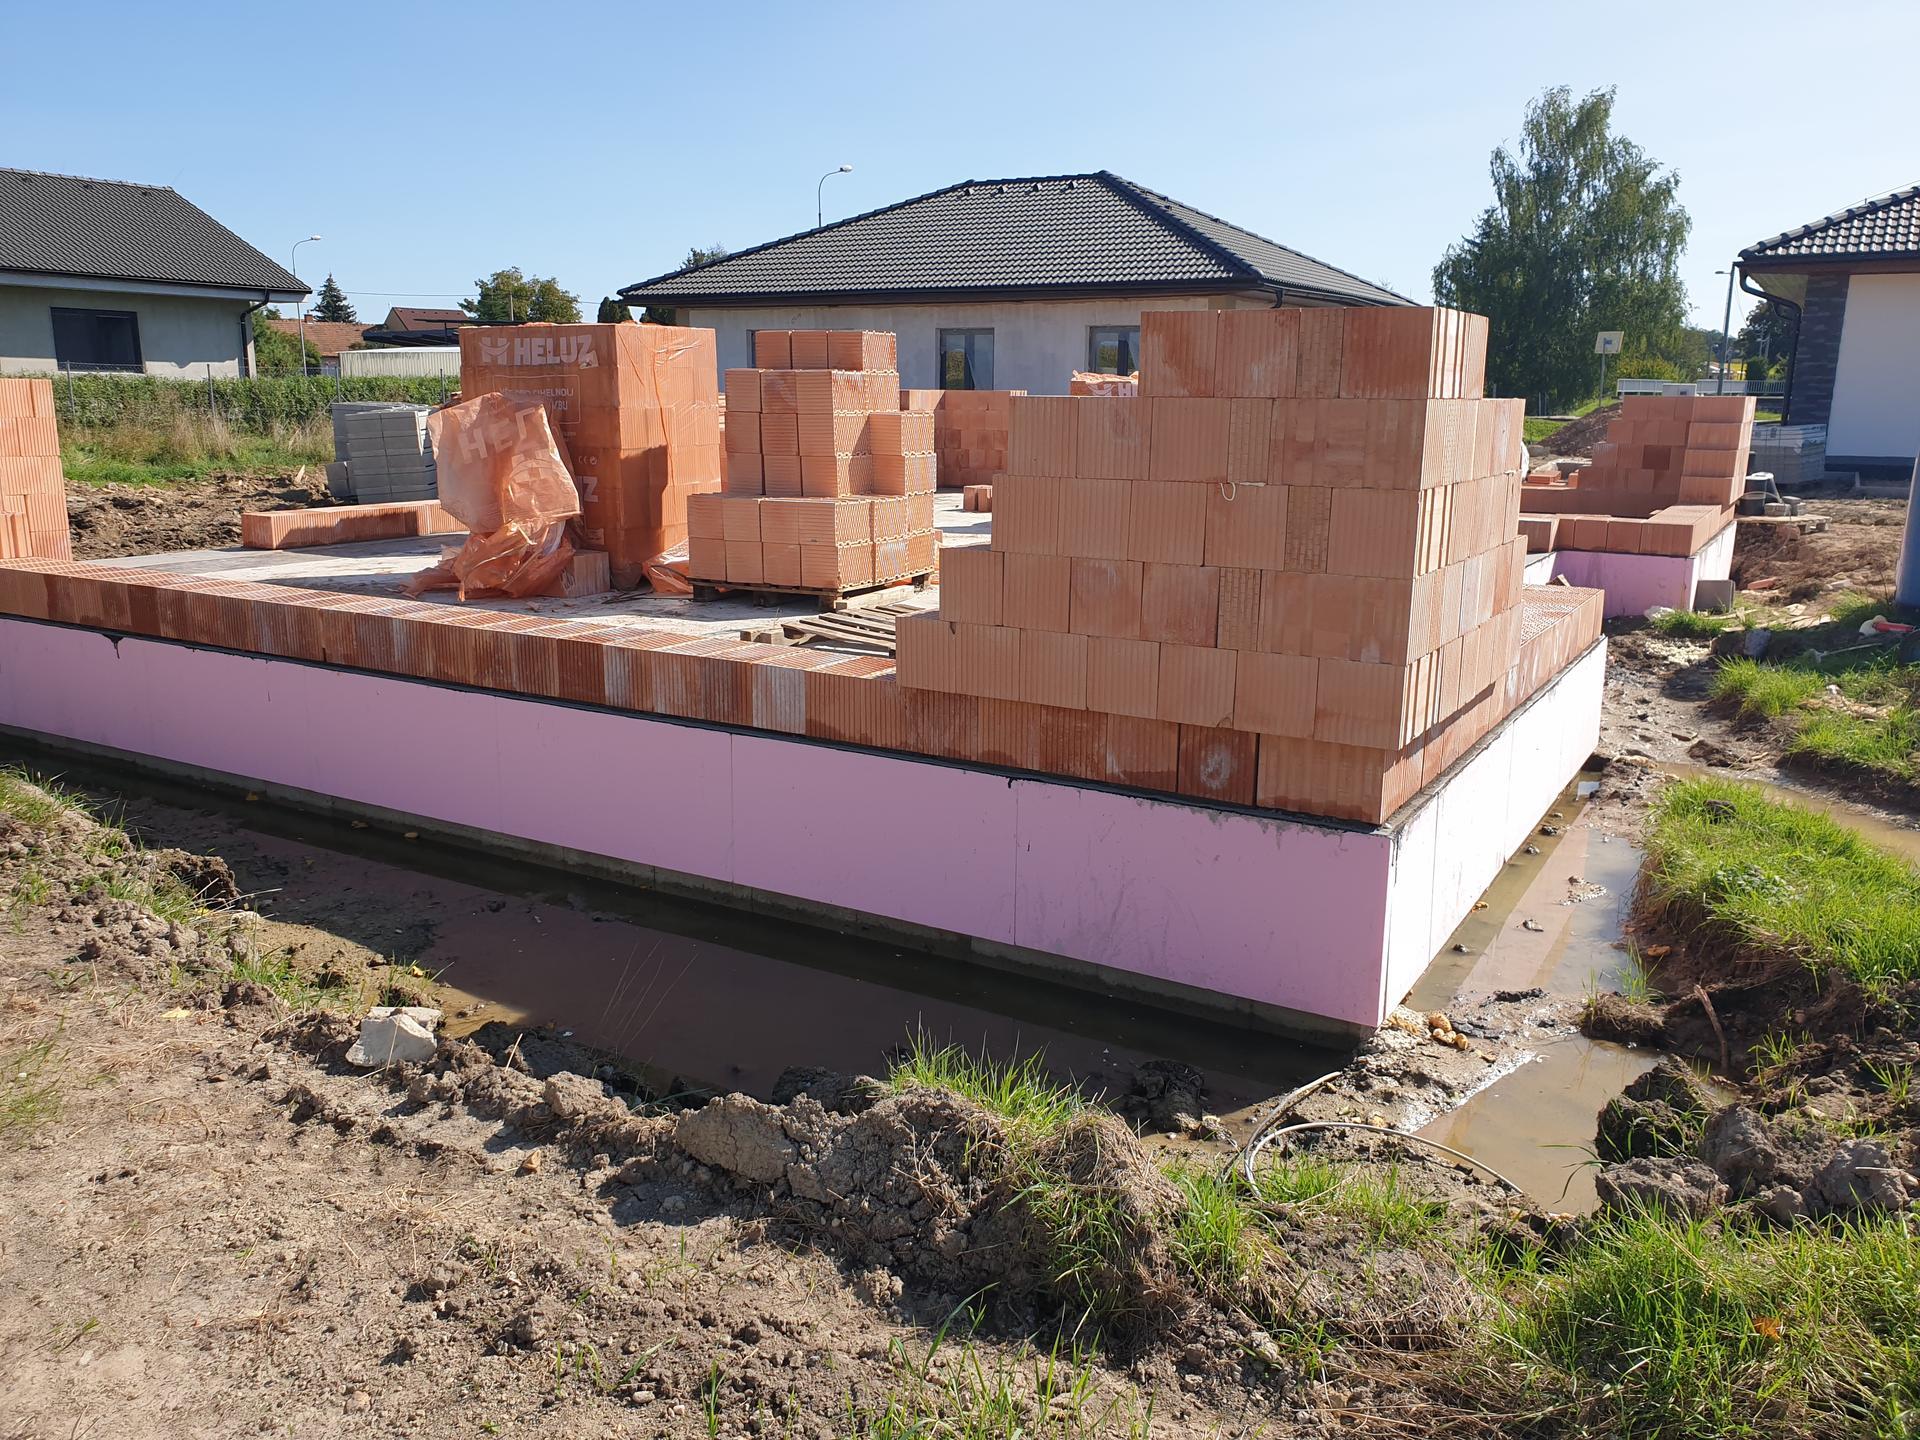 Stěhování na venkov - stavba - Obrázek č. 4